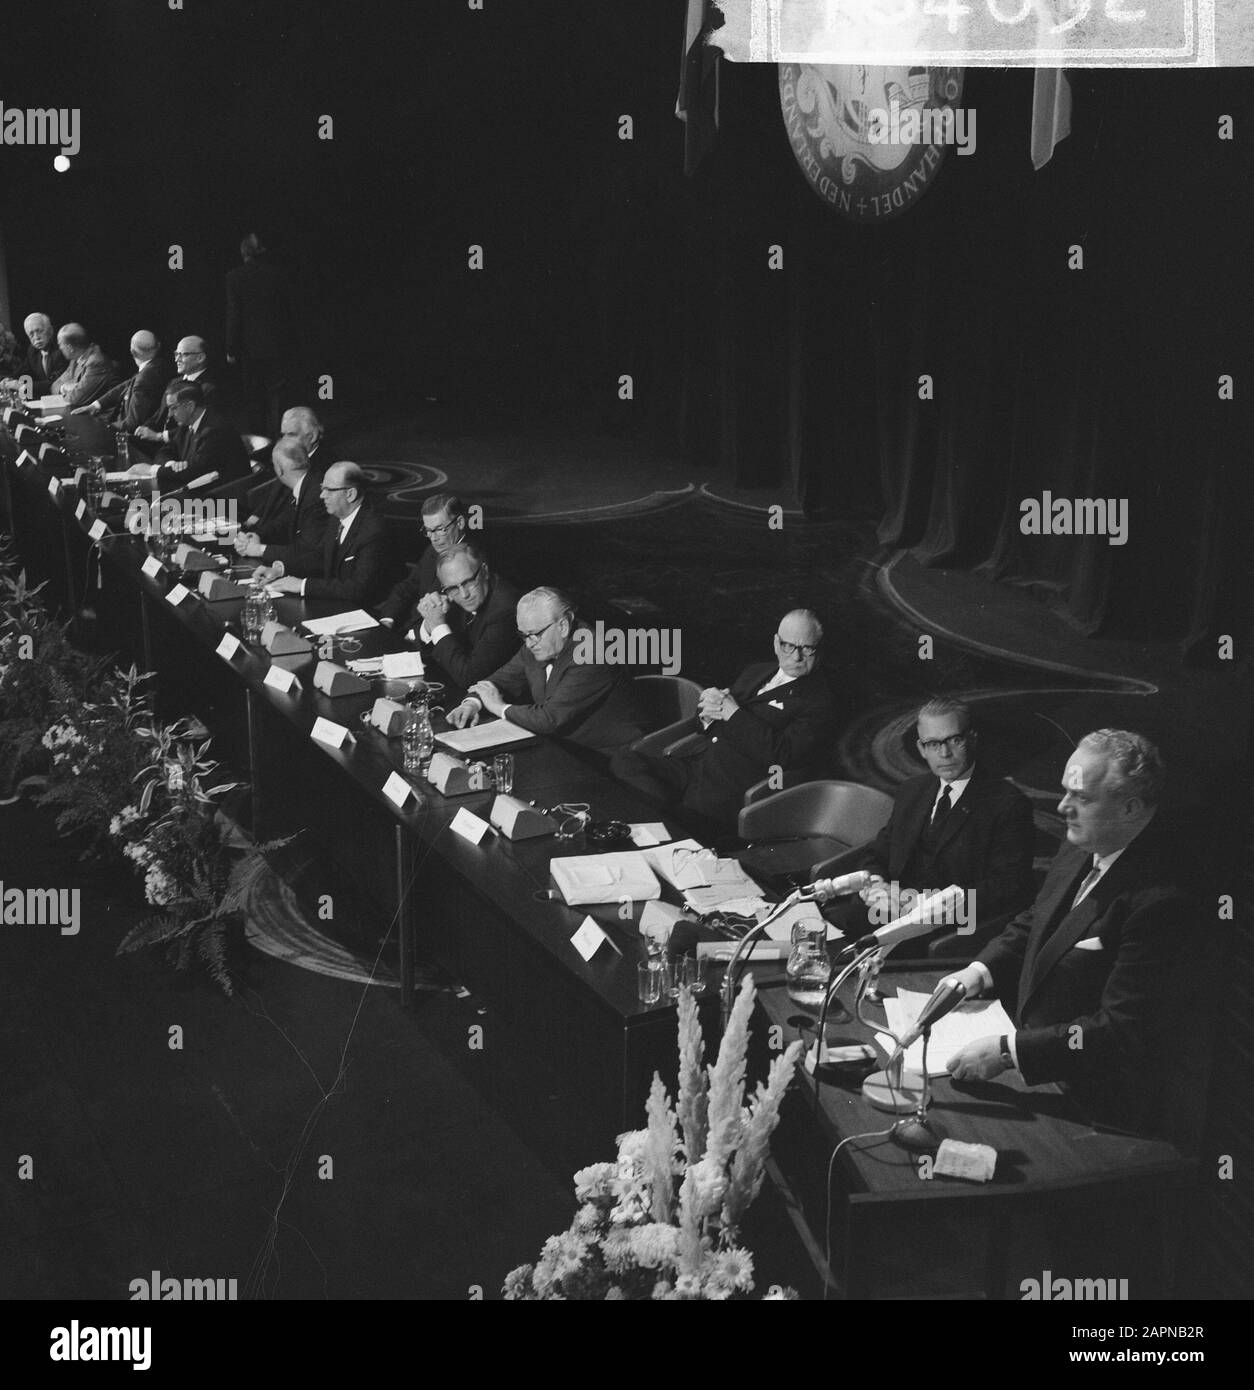 Reunión general extraordinaria de la Cámara de Comercio Holandés-Alemán con motivo del sexagésimo aniversario Descripción general de los asistentes Fecha: 18 de noviembre de 1965 palabras clave: Relaciones internacionales, aniversarios, reuniones Nombre De La Institución: Cámara de Comercio Foto de stock